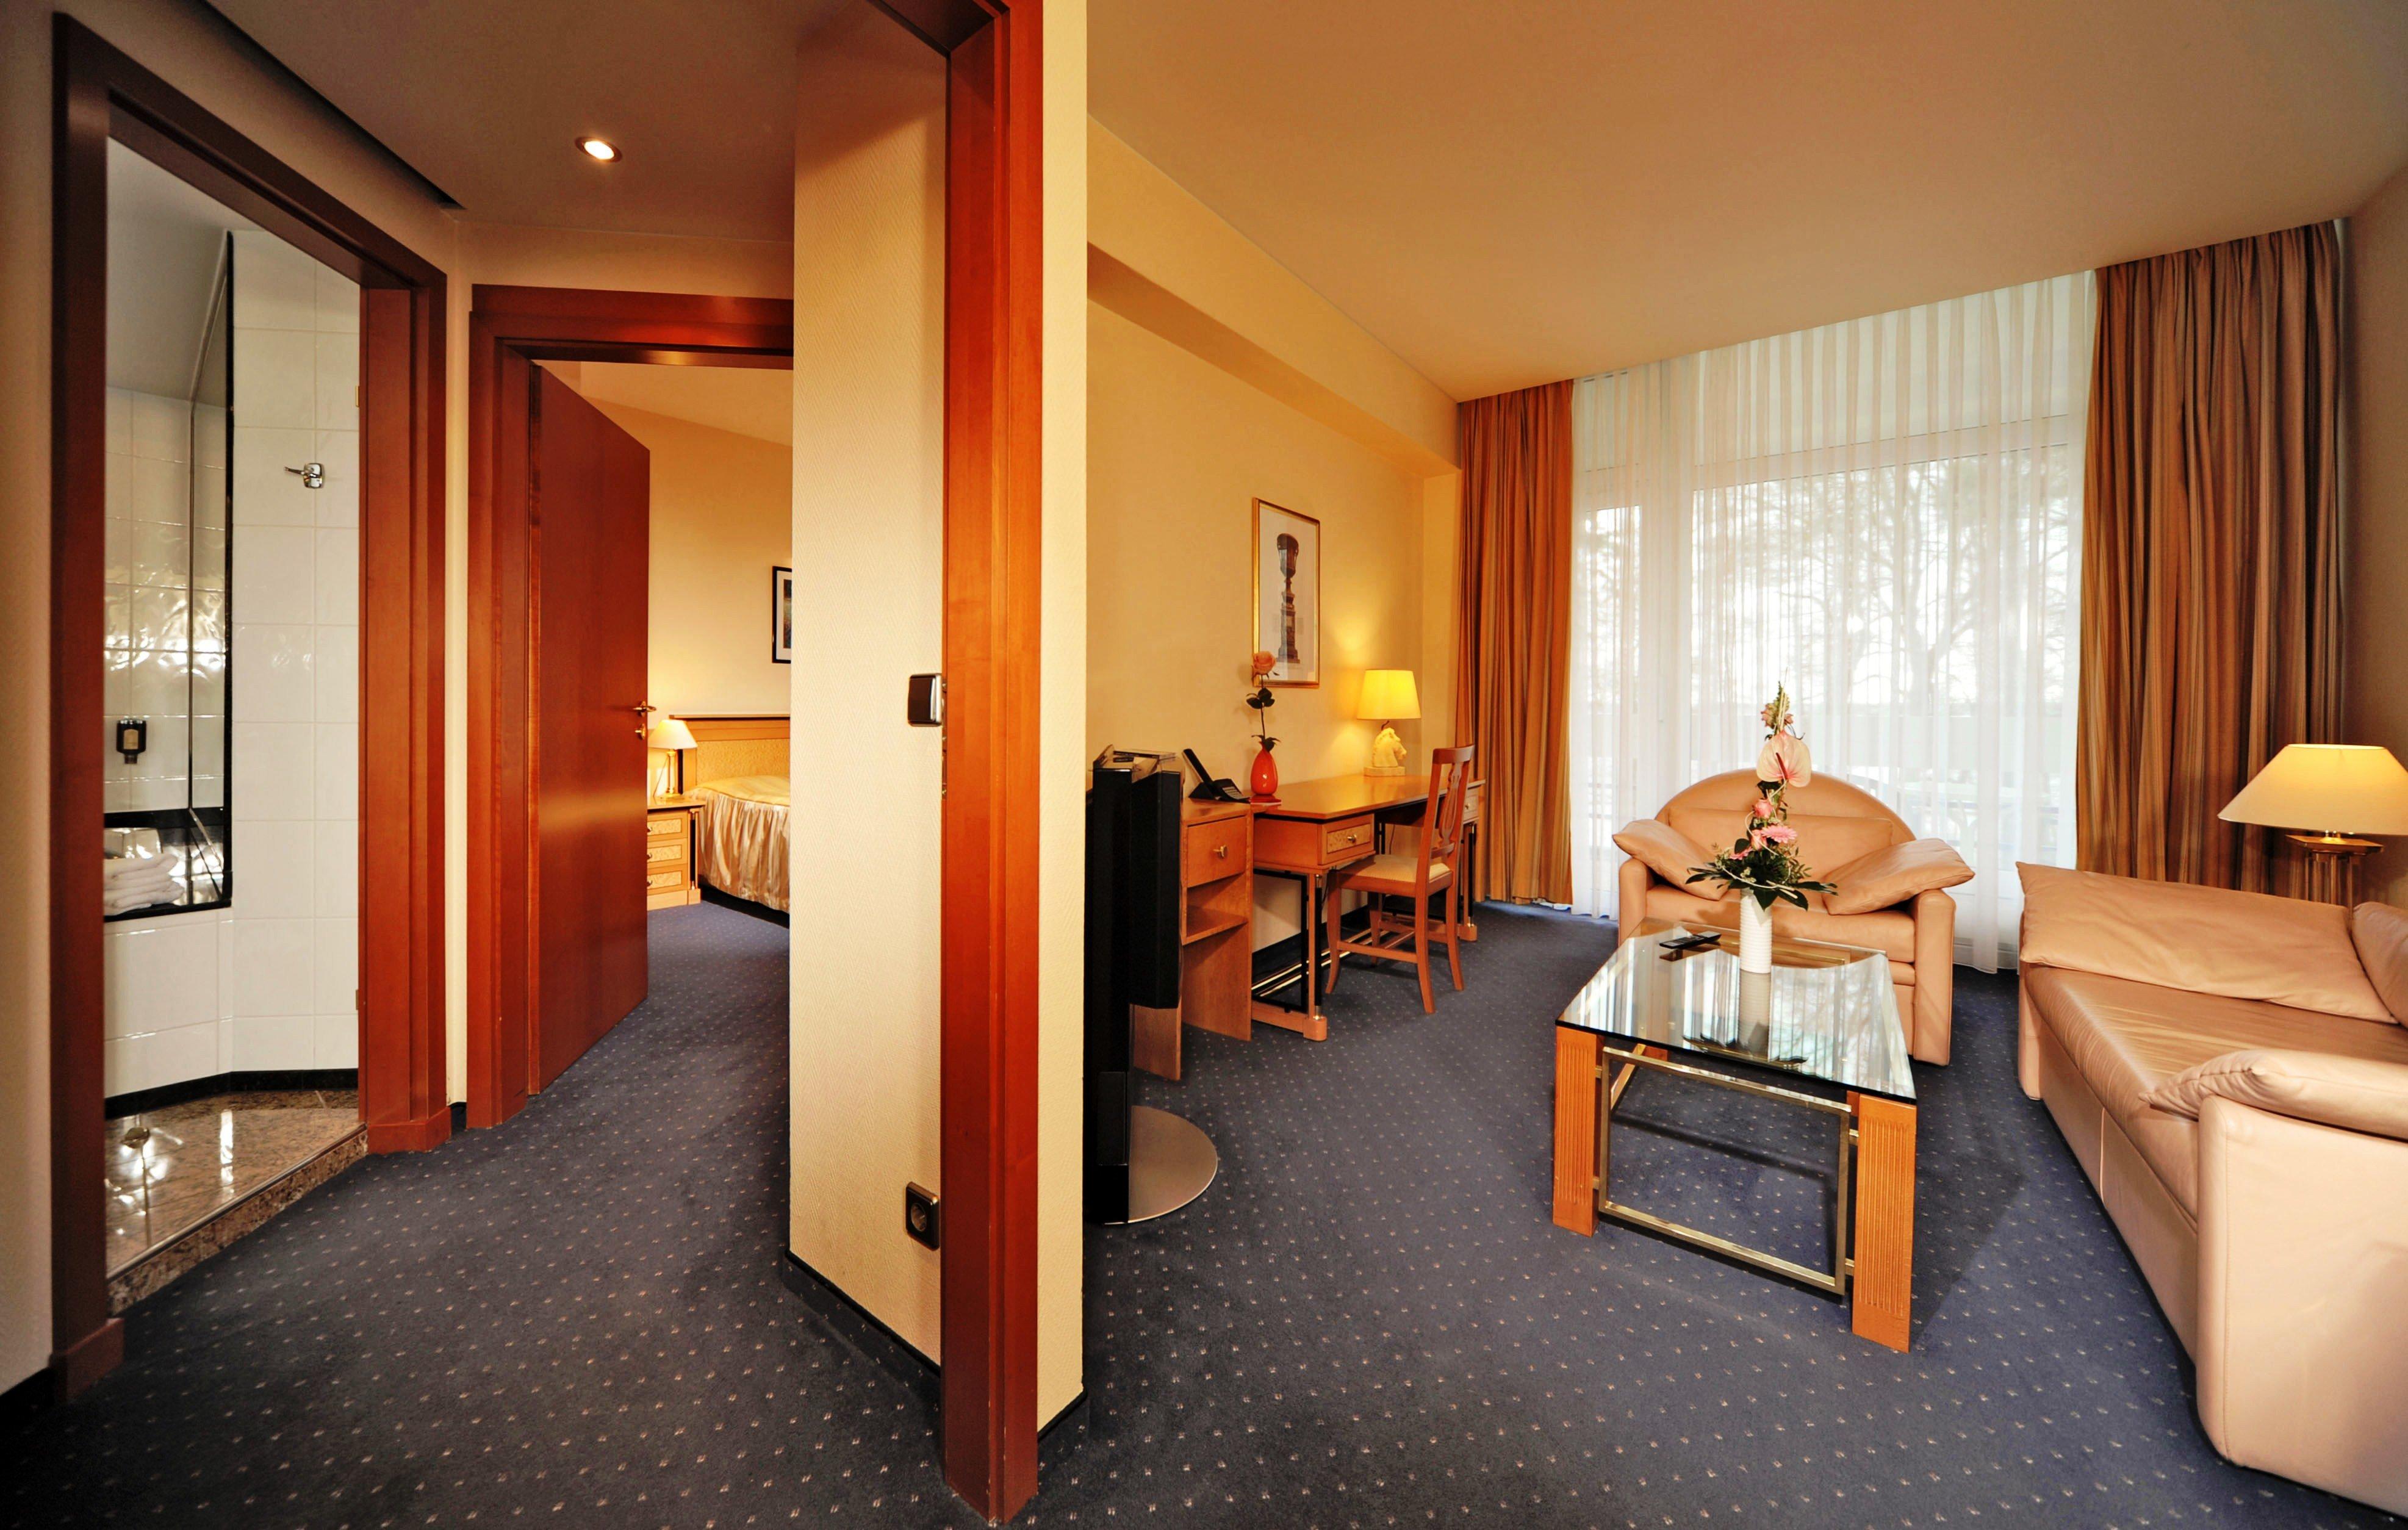 kleines berlin special im hotel m ggelsee berlin in berlin k penick bewertungen. Black Bedroom Furniture Sets. Home Design Ideas